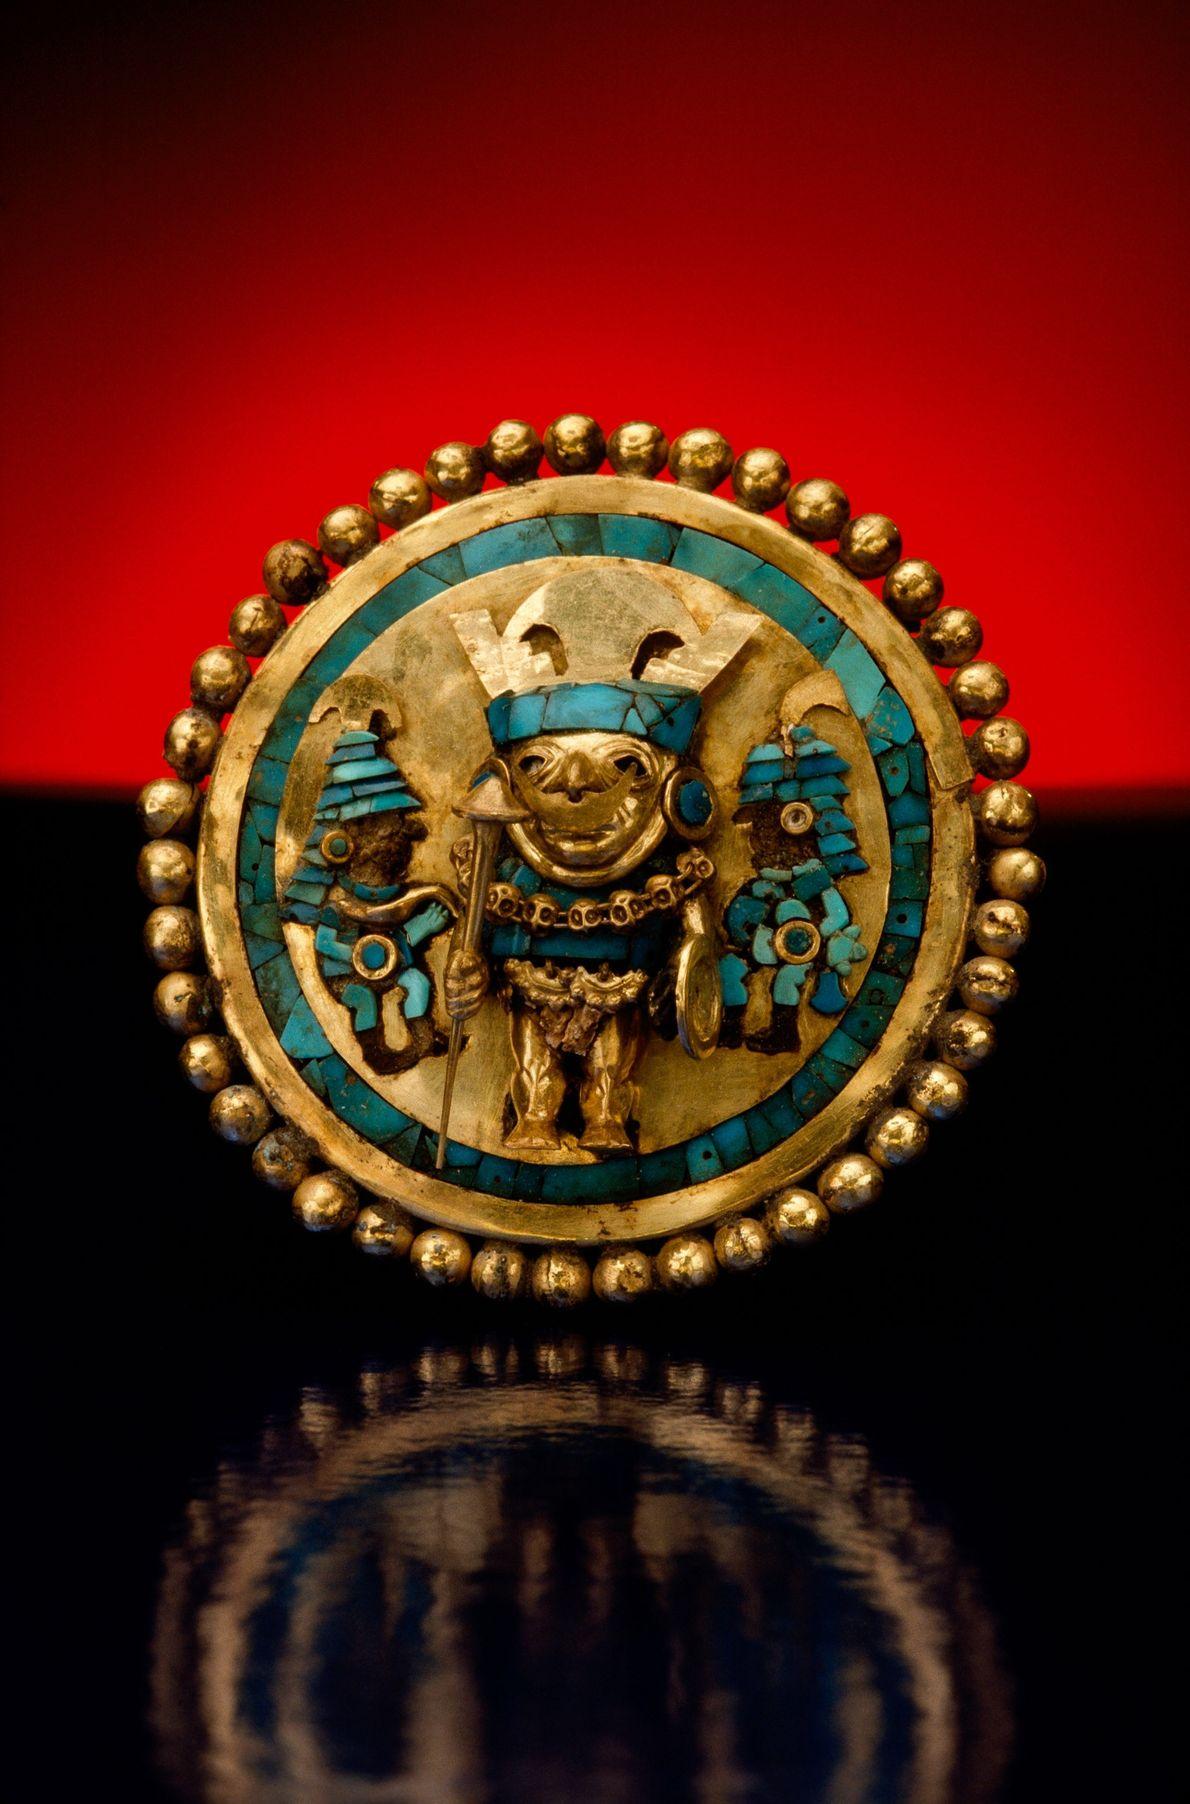 Este ornamento da civilização mochica foi descoberto numa sepultura perto de Sipan, em Chiclayo, no Peru.